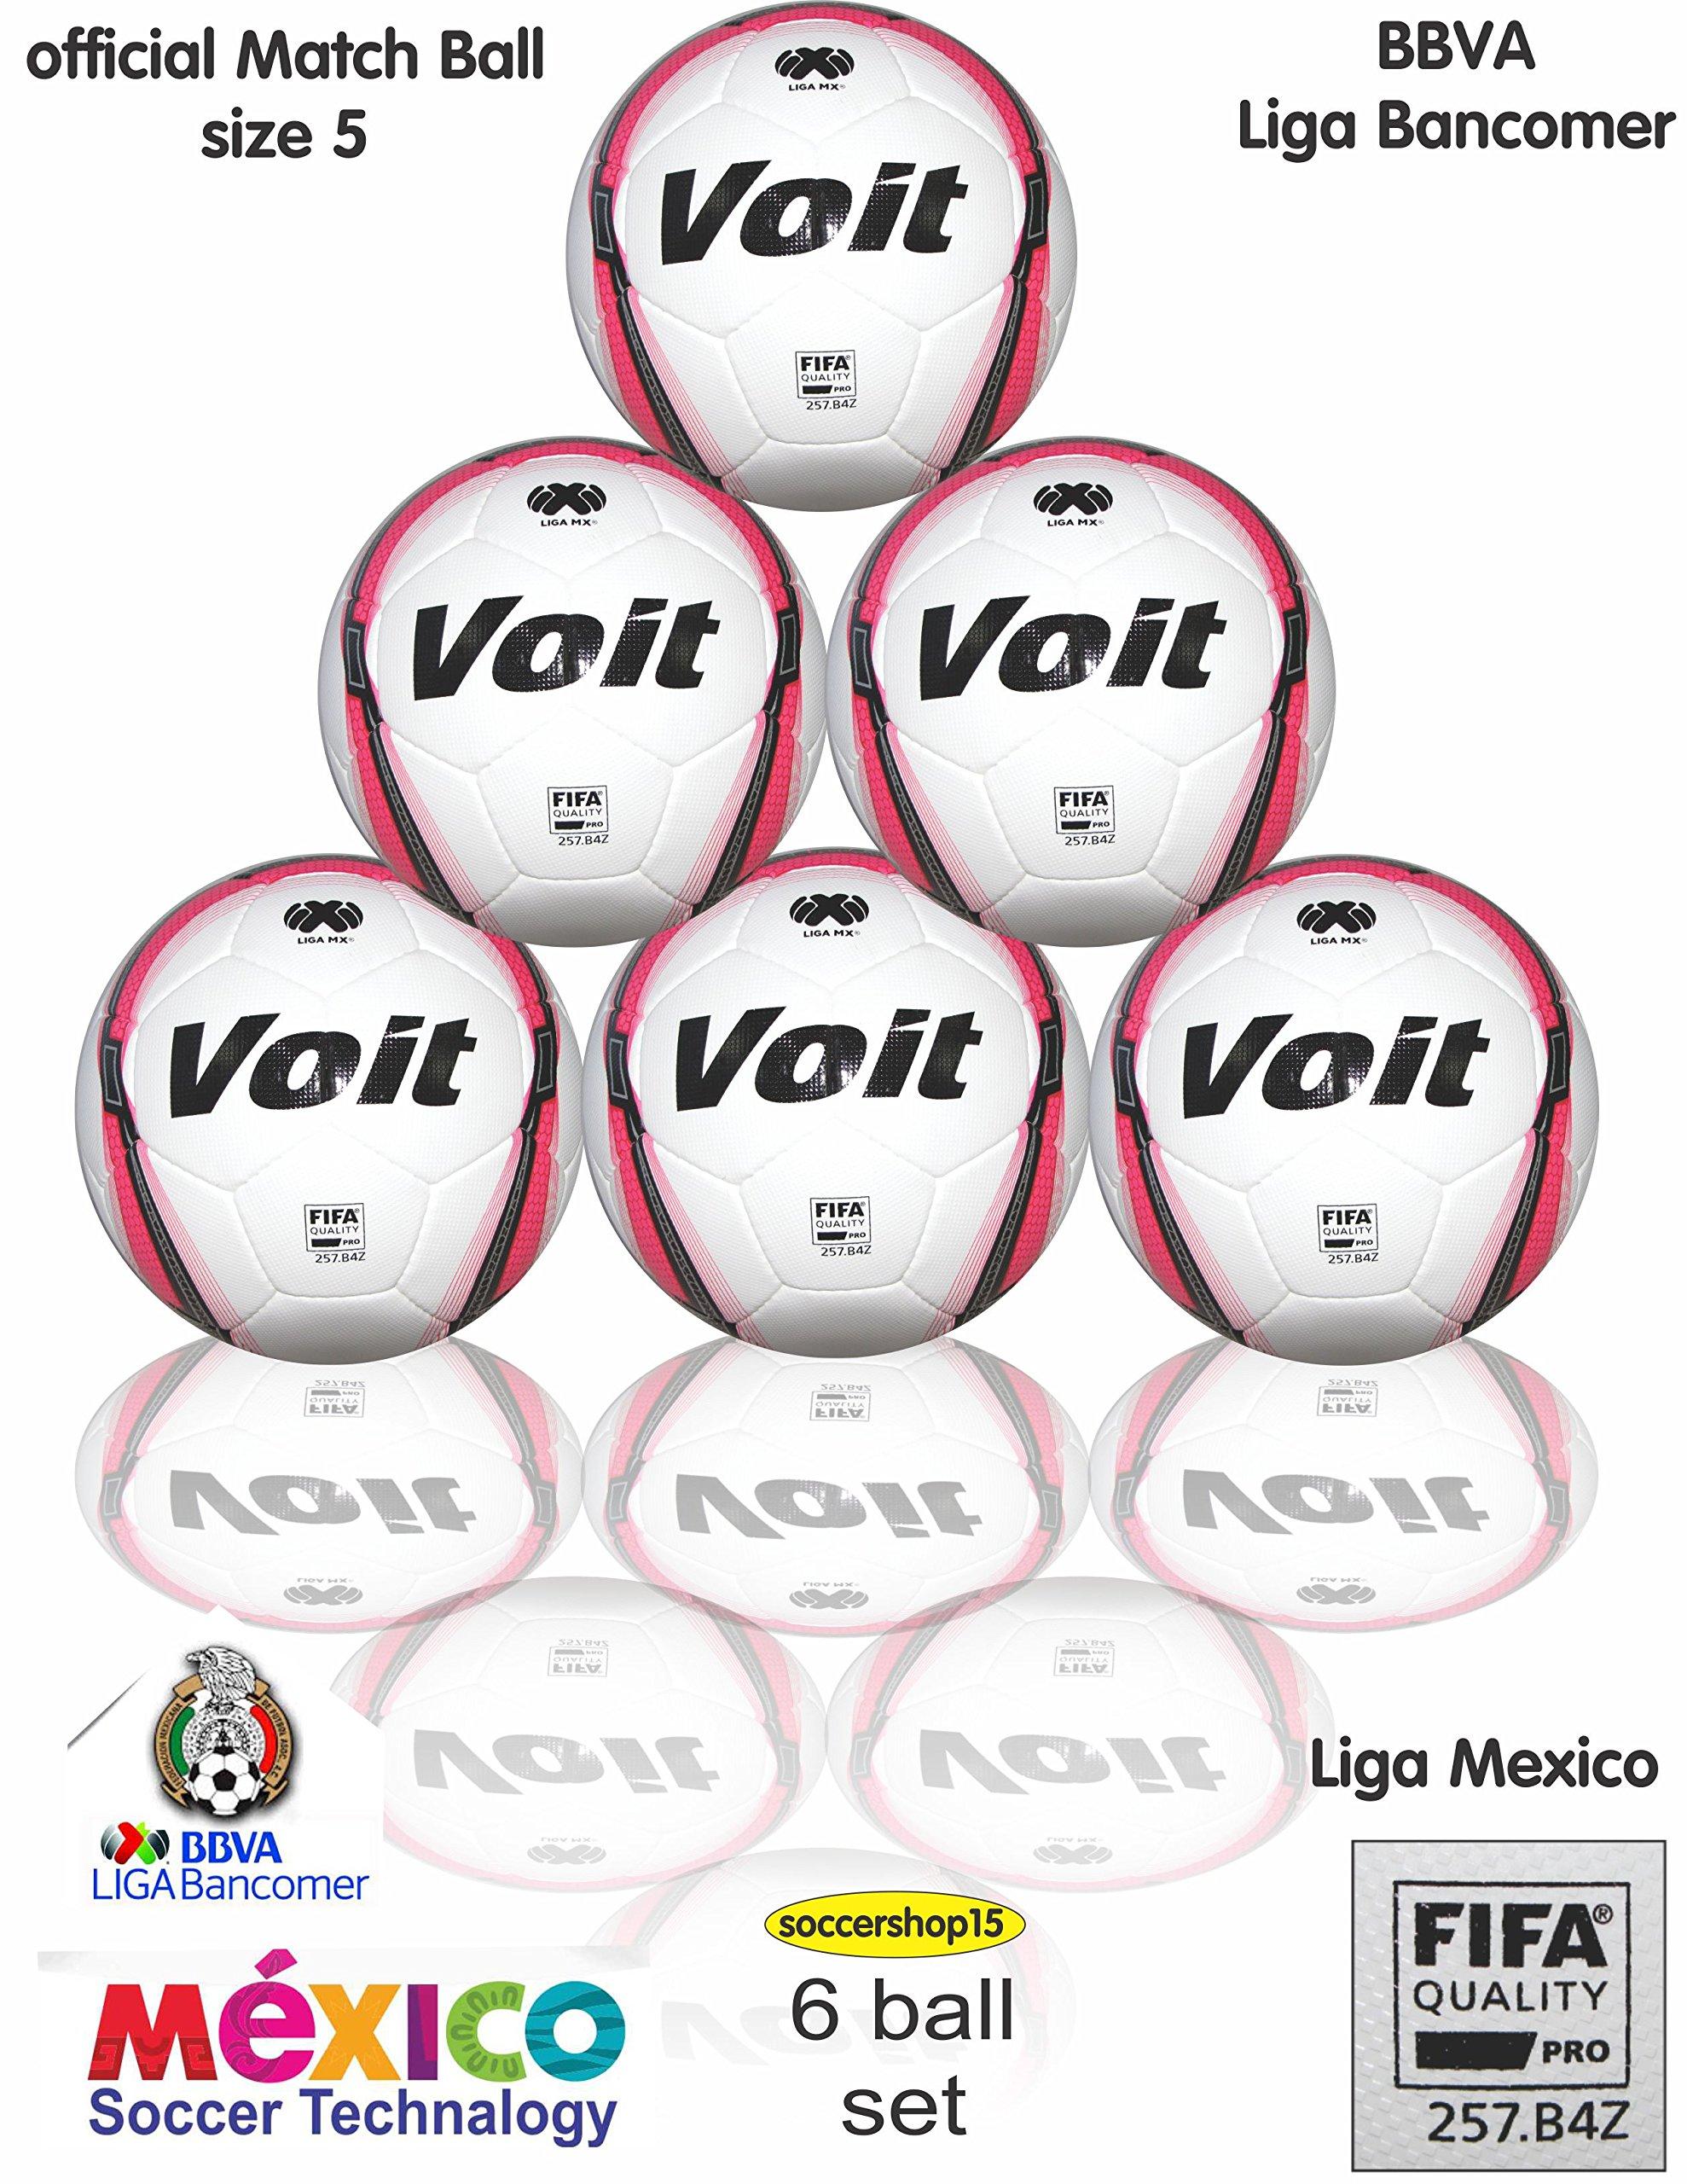 6 Voit official Match soccer ball set (size 5)